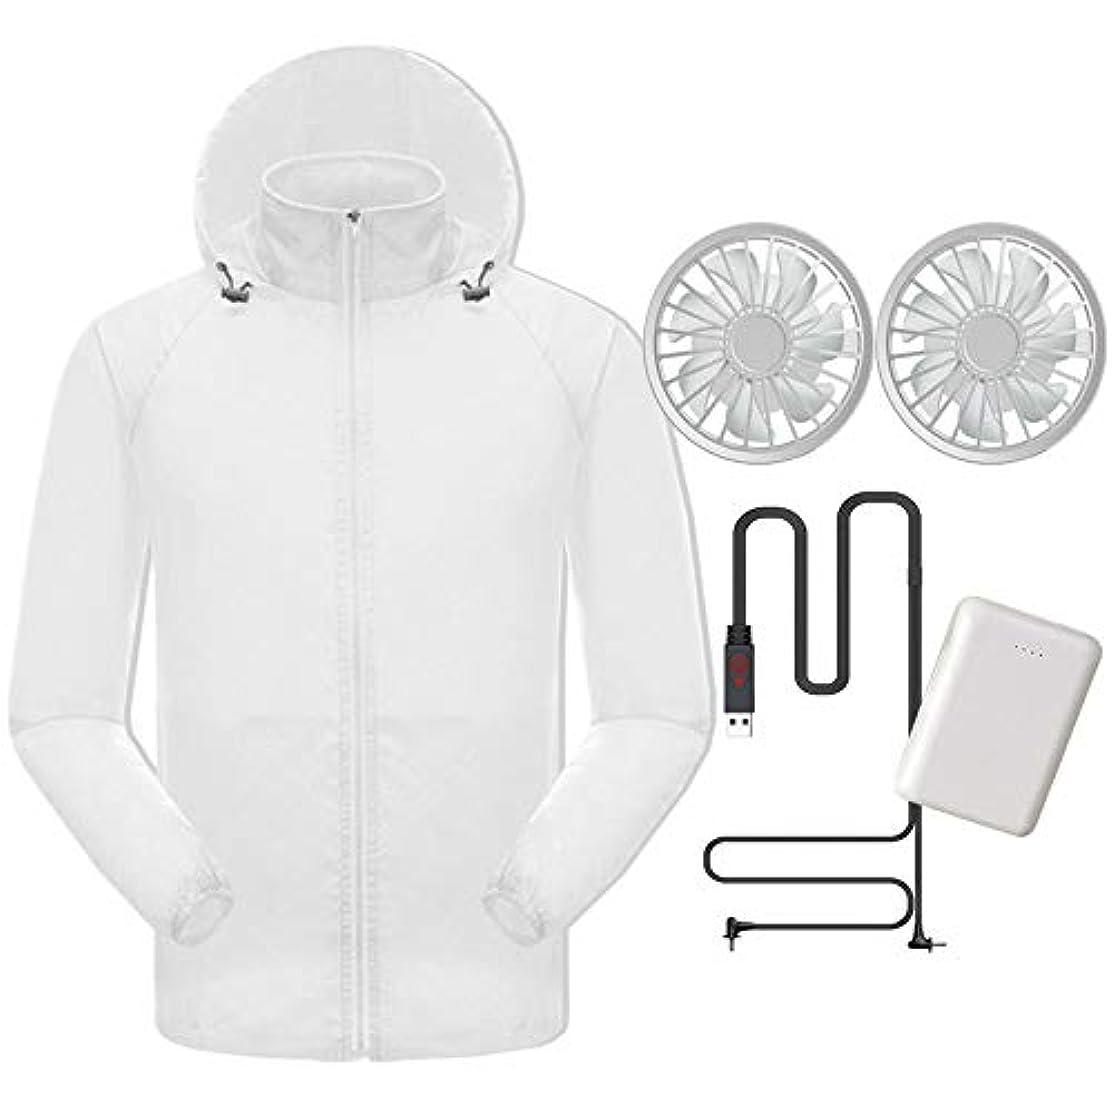 樫の木皮肉なに夏のスマート冷たい服日焼け止め衣類肌の服男性と女性のアンチスプラッシュ釣り服ファンエアコン衣料品(充電宝物が含まれています),White,XXL